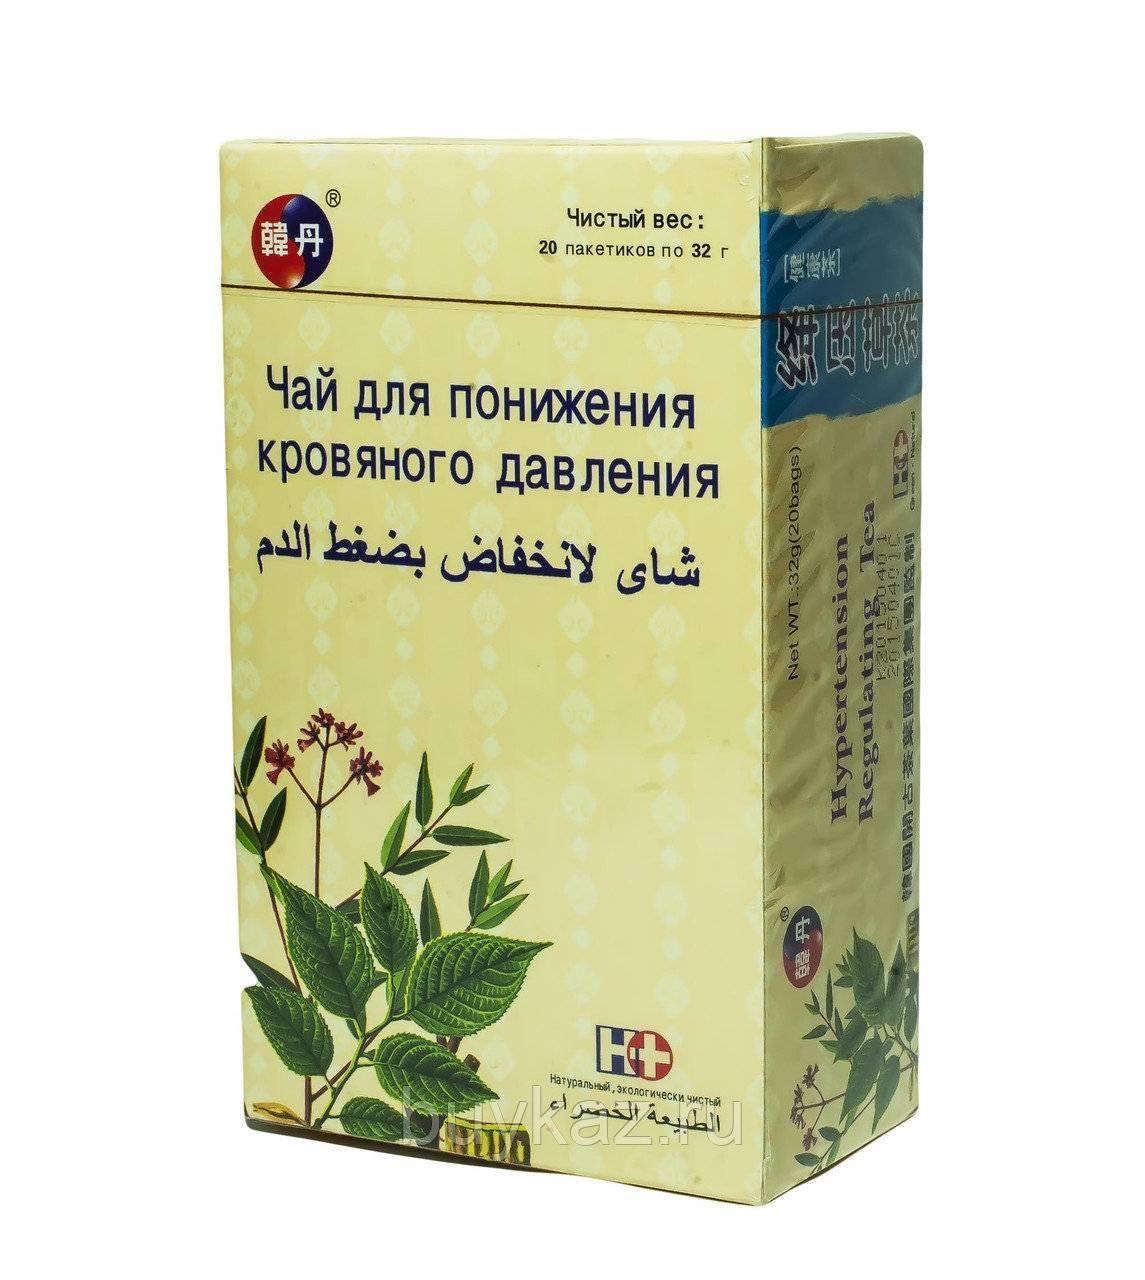 Какой чай повышает (поднимает) артериальное давление?